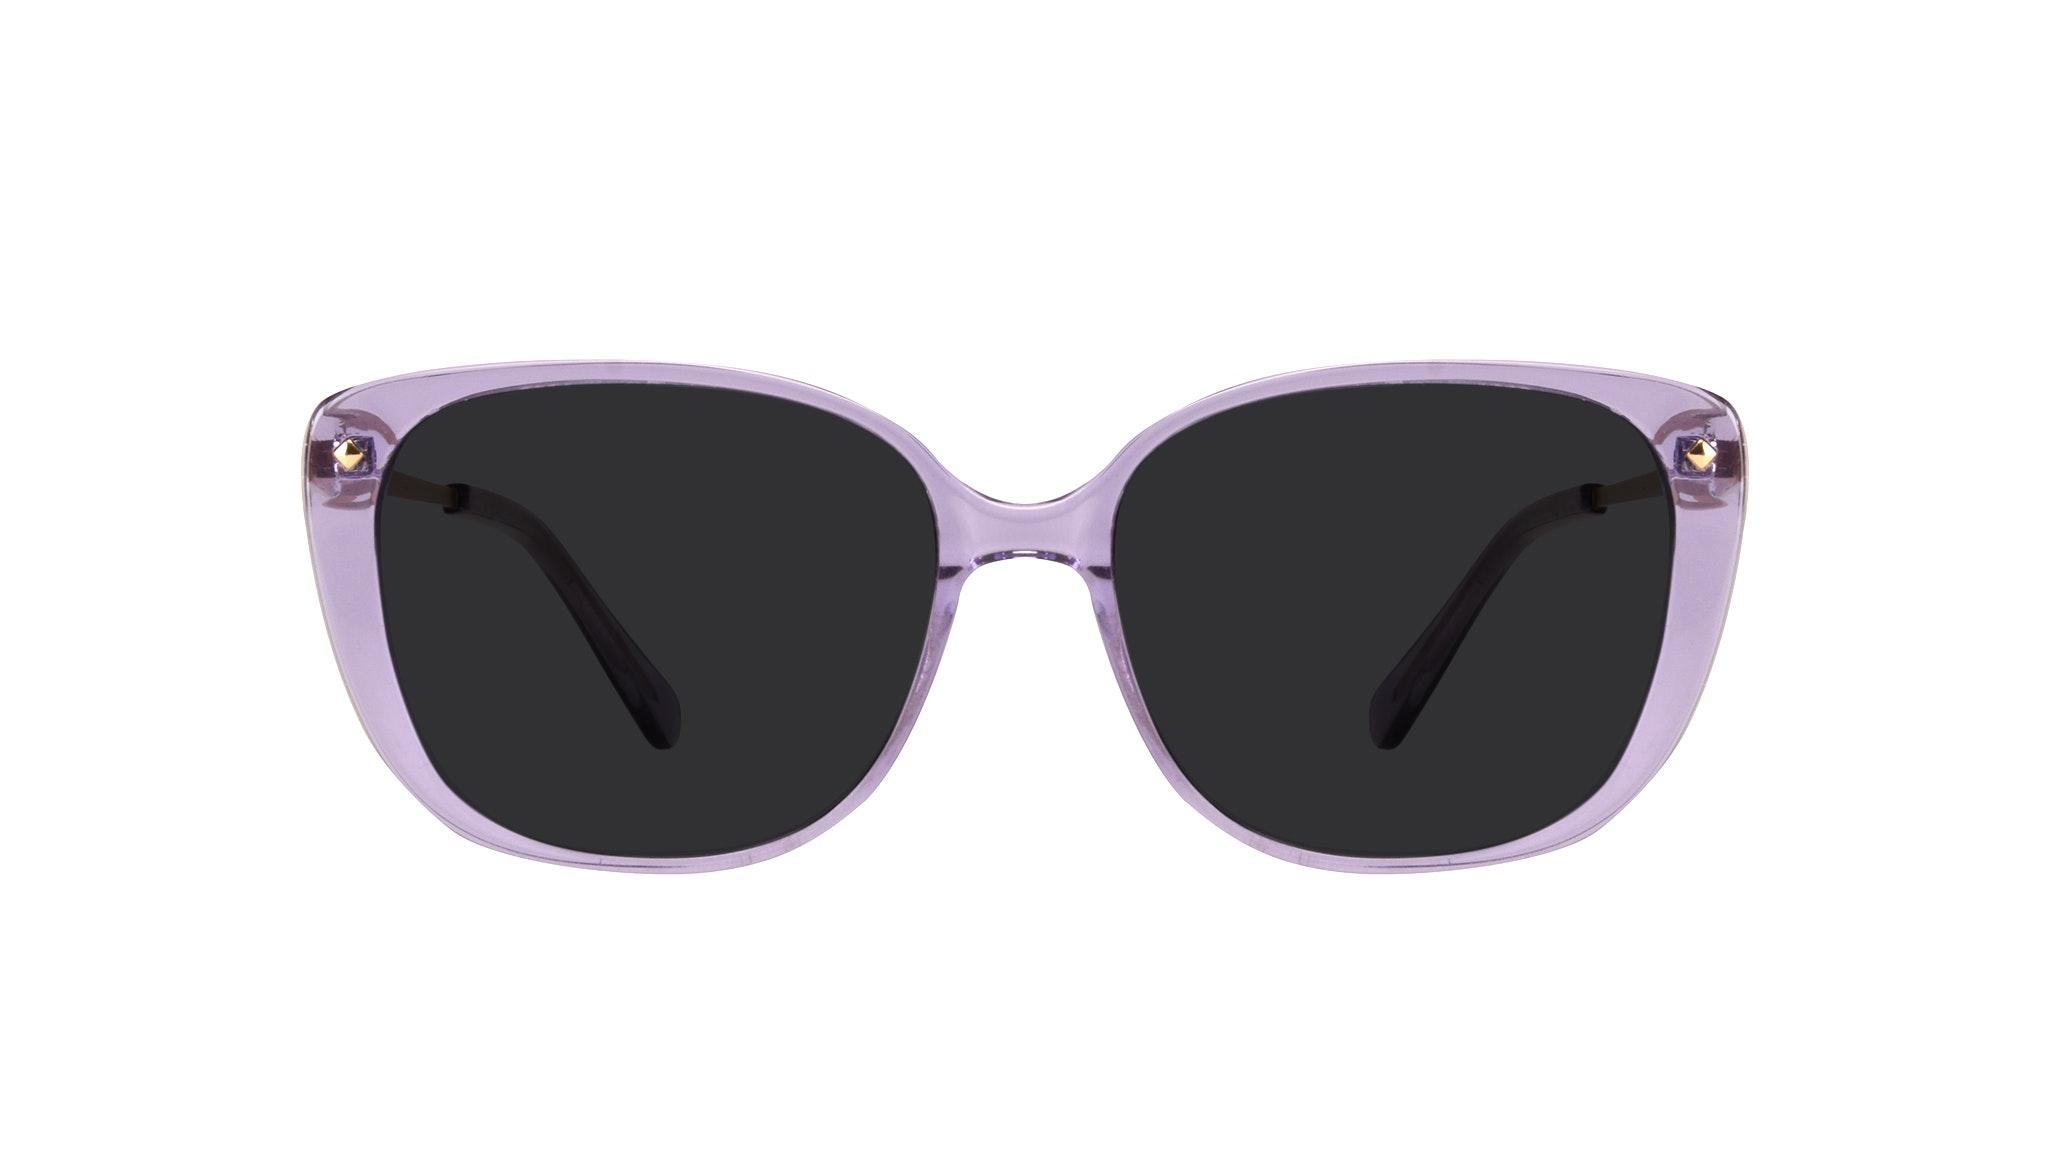 Lunettes tendance Carrée Lunettes de vue Femmes Japonisme Lavender